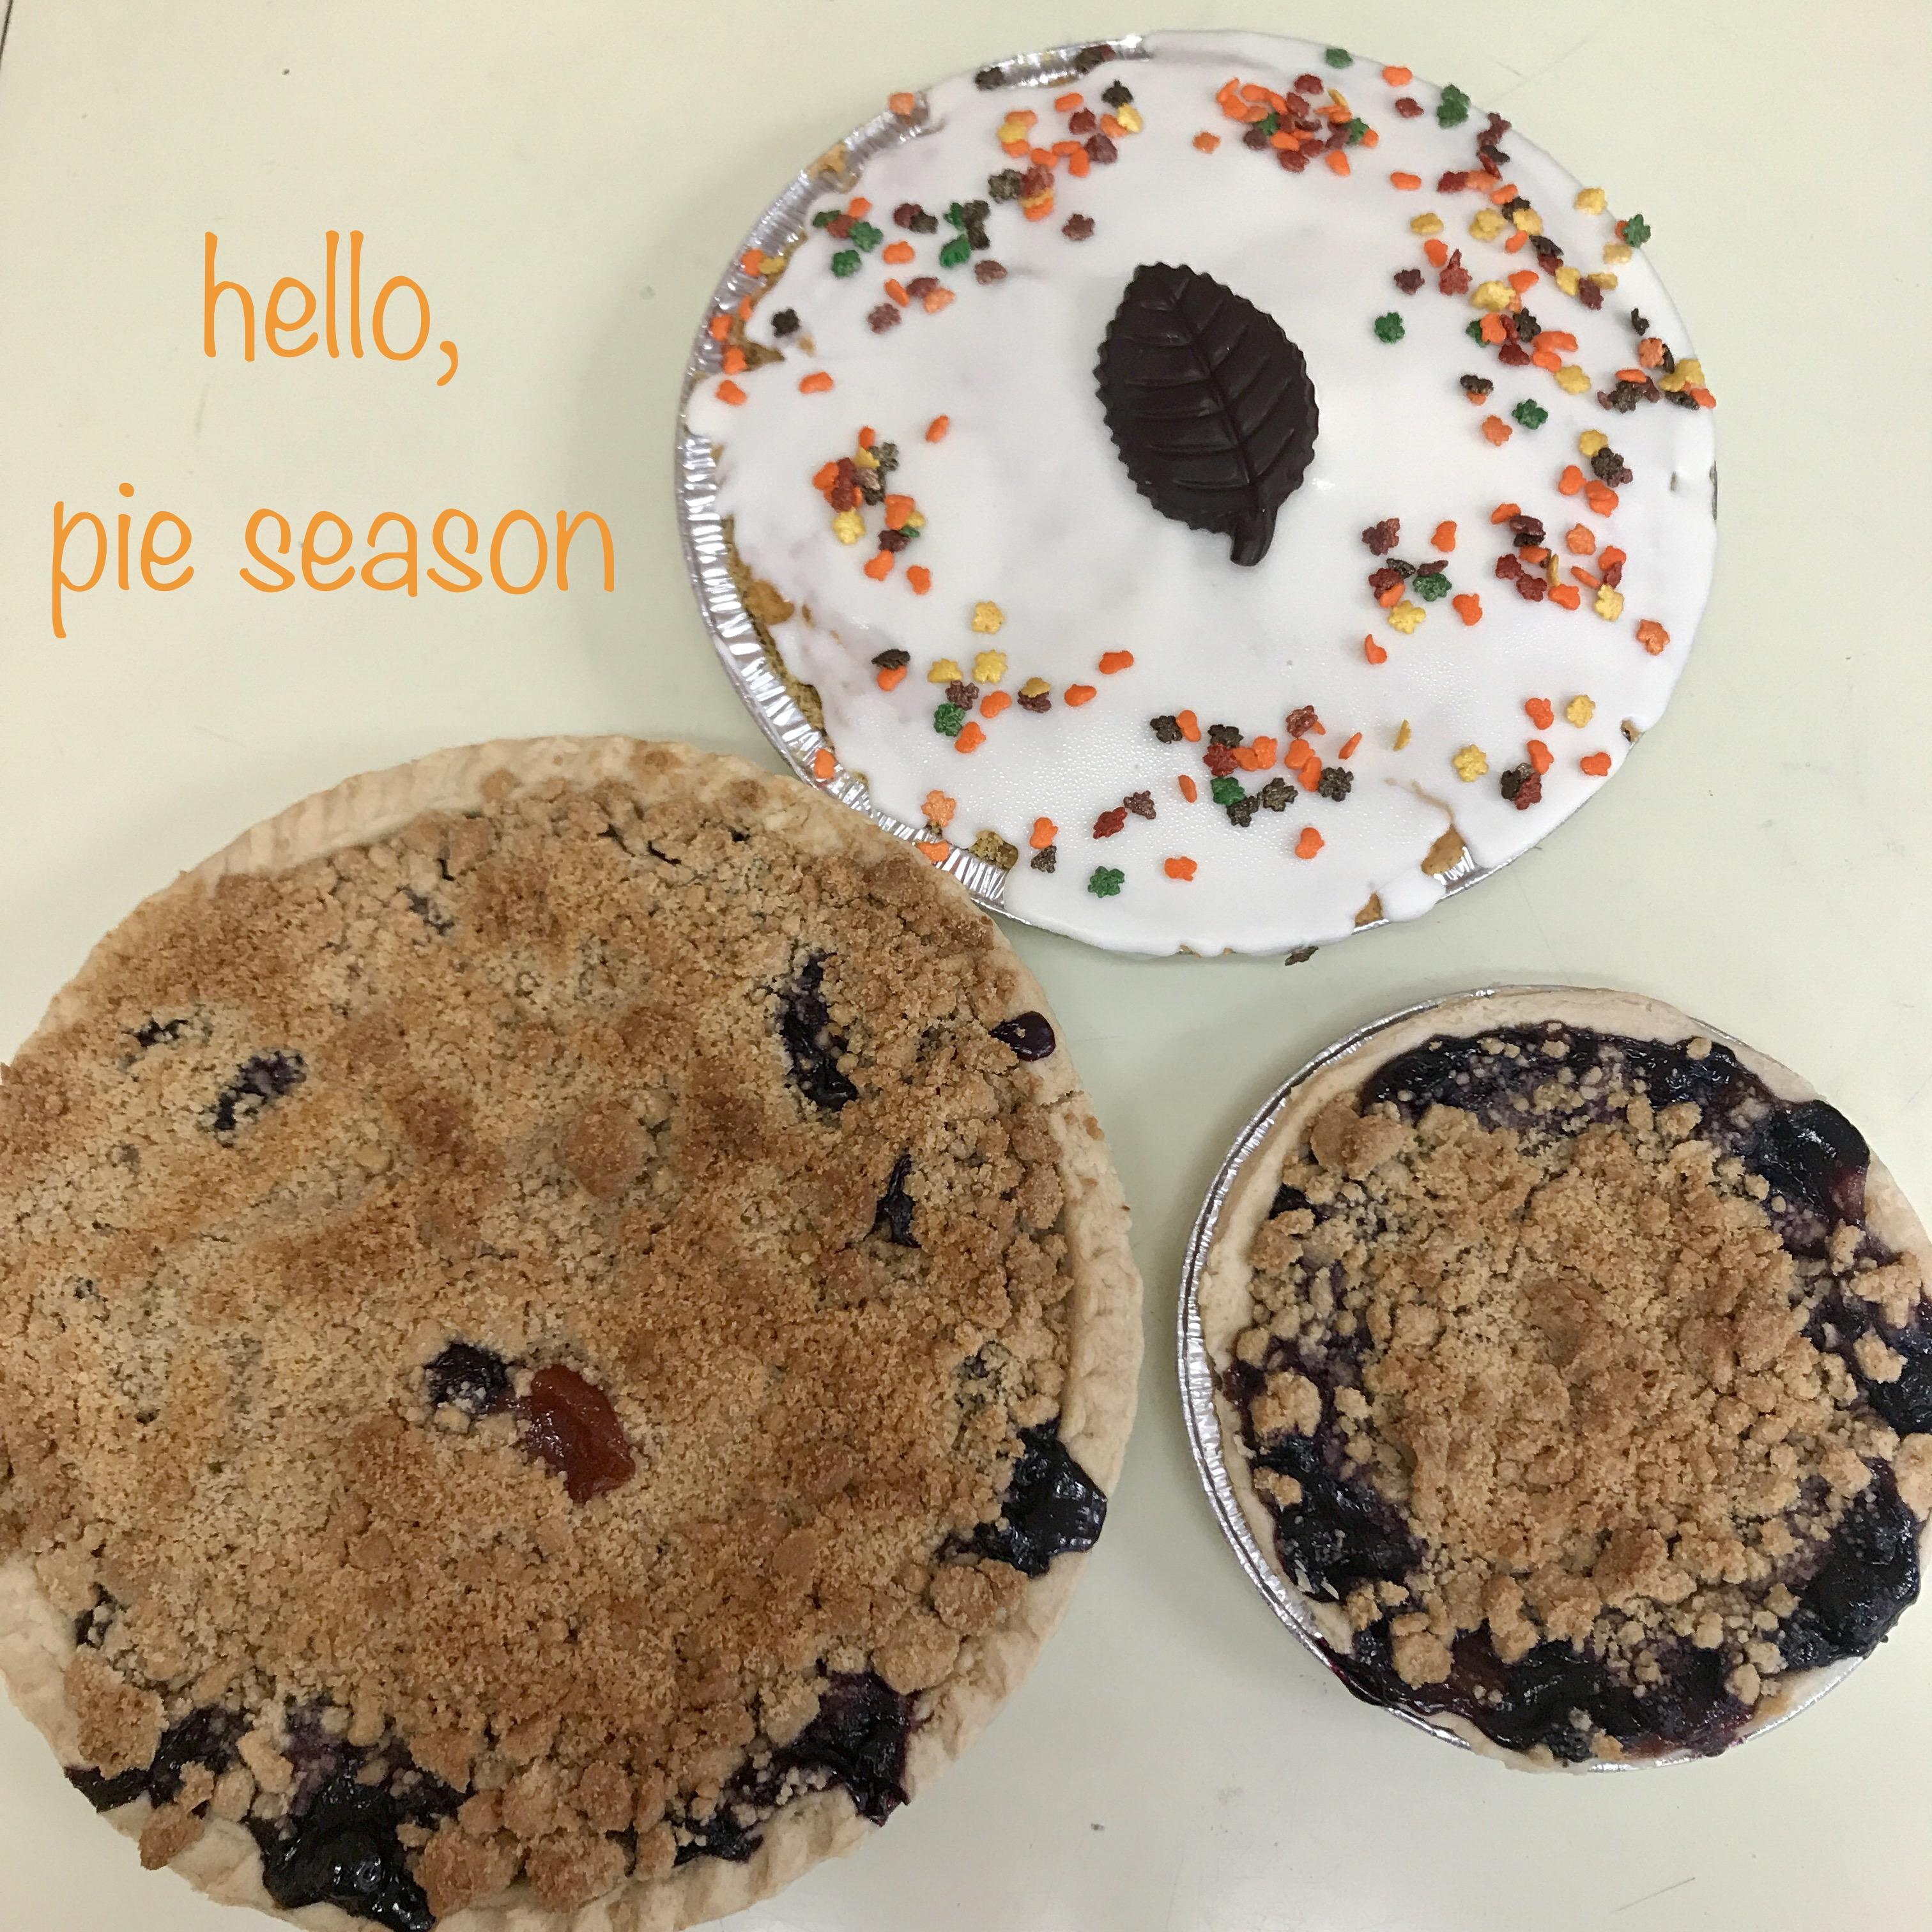 Pie Season